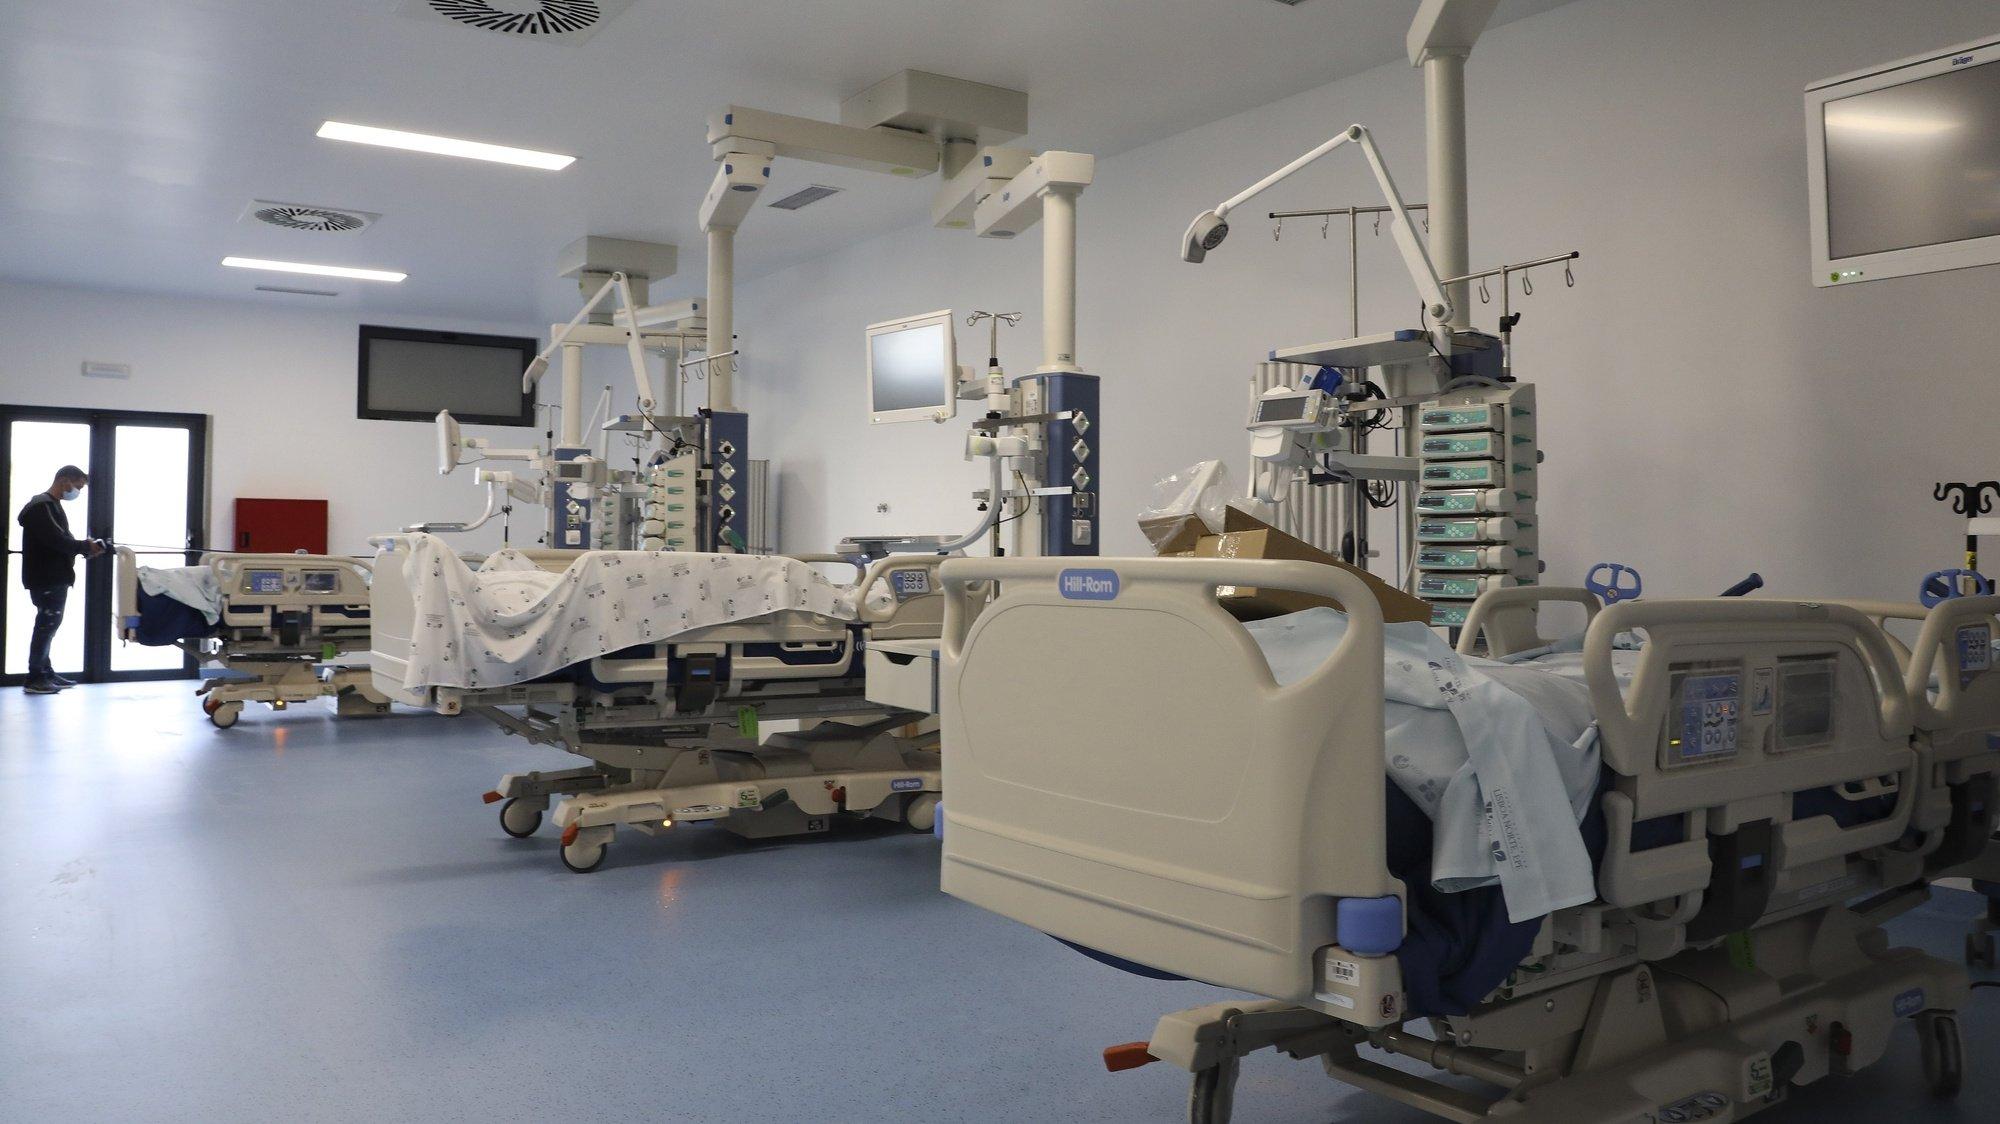 A maior unidade de cuidados intensivos do país é inaugurada hoje no Hospital Santa Maria, em Lisboa, um investimento de 3,4 milhões que vai permitir dar resposta a mais doentes críticos, com melhores condições de atendimento, Lisboa, 18 de maio de 2021. Além do crescimento físico, o Serviço de Medicina Intensiva passa a estar também equipado com inovações tecnológicas que permitem a gestão em rede de todos os equipamentos e a análise mais eficiente dos dados para tratamento e investigação clínica. (ACOMPANHA TEXTO DO DIA 21 DE MAIO DE 2021) JOÃO RELVAS/LUSA